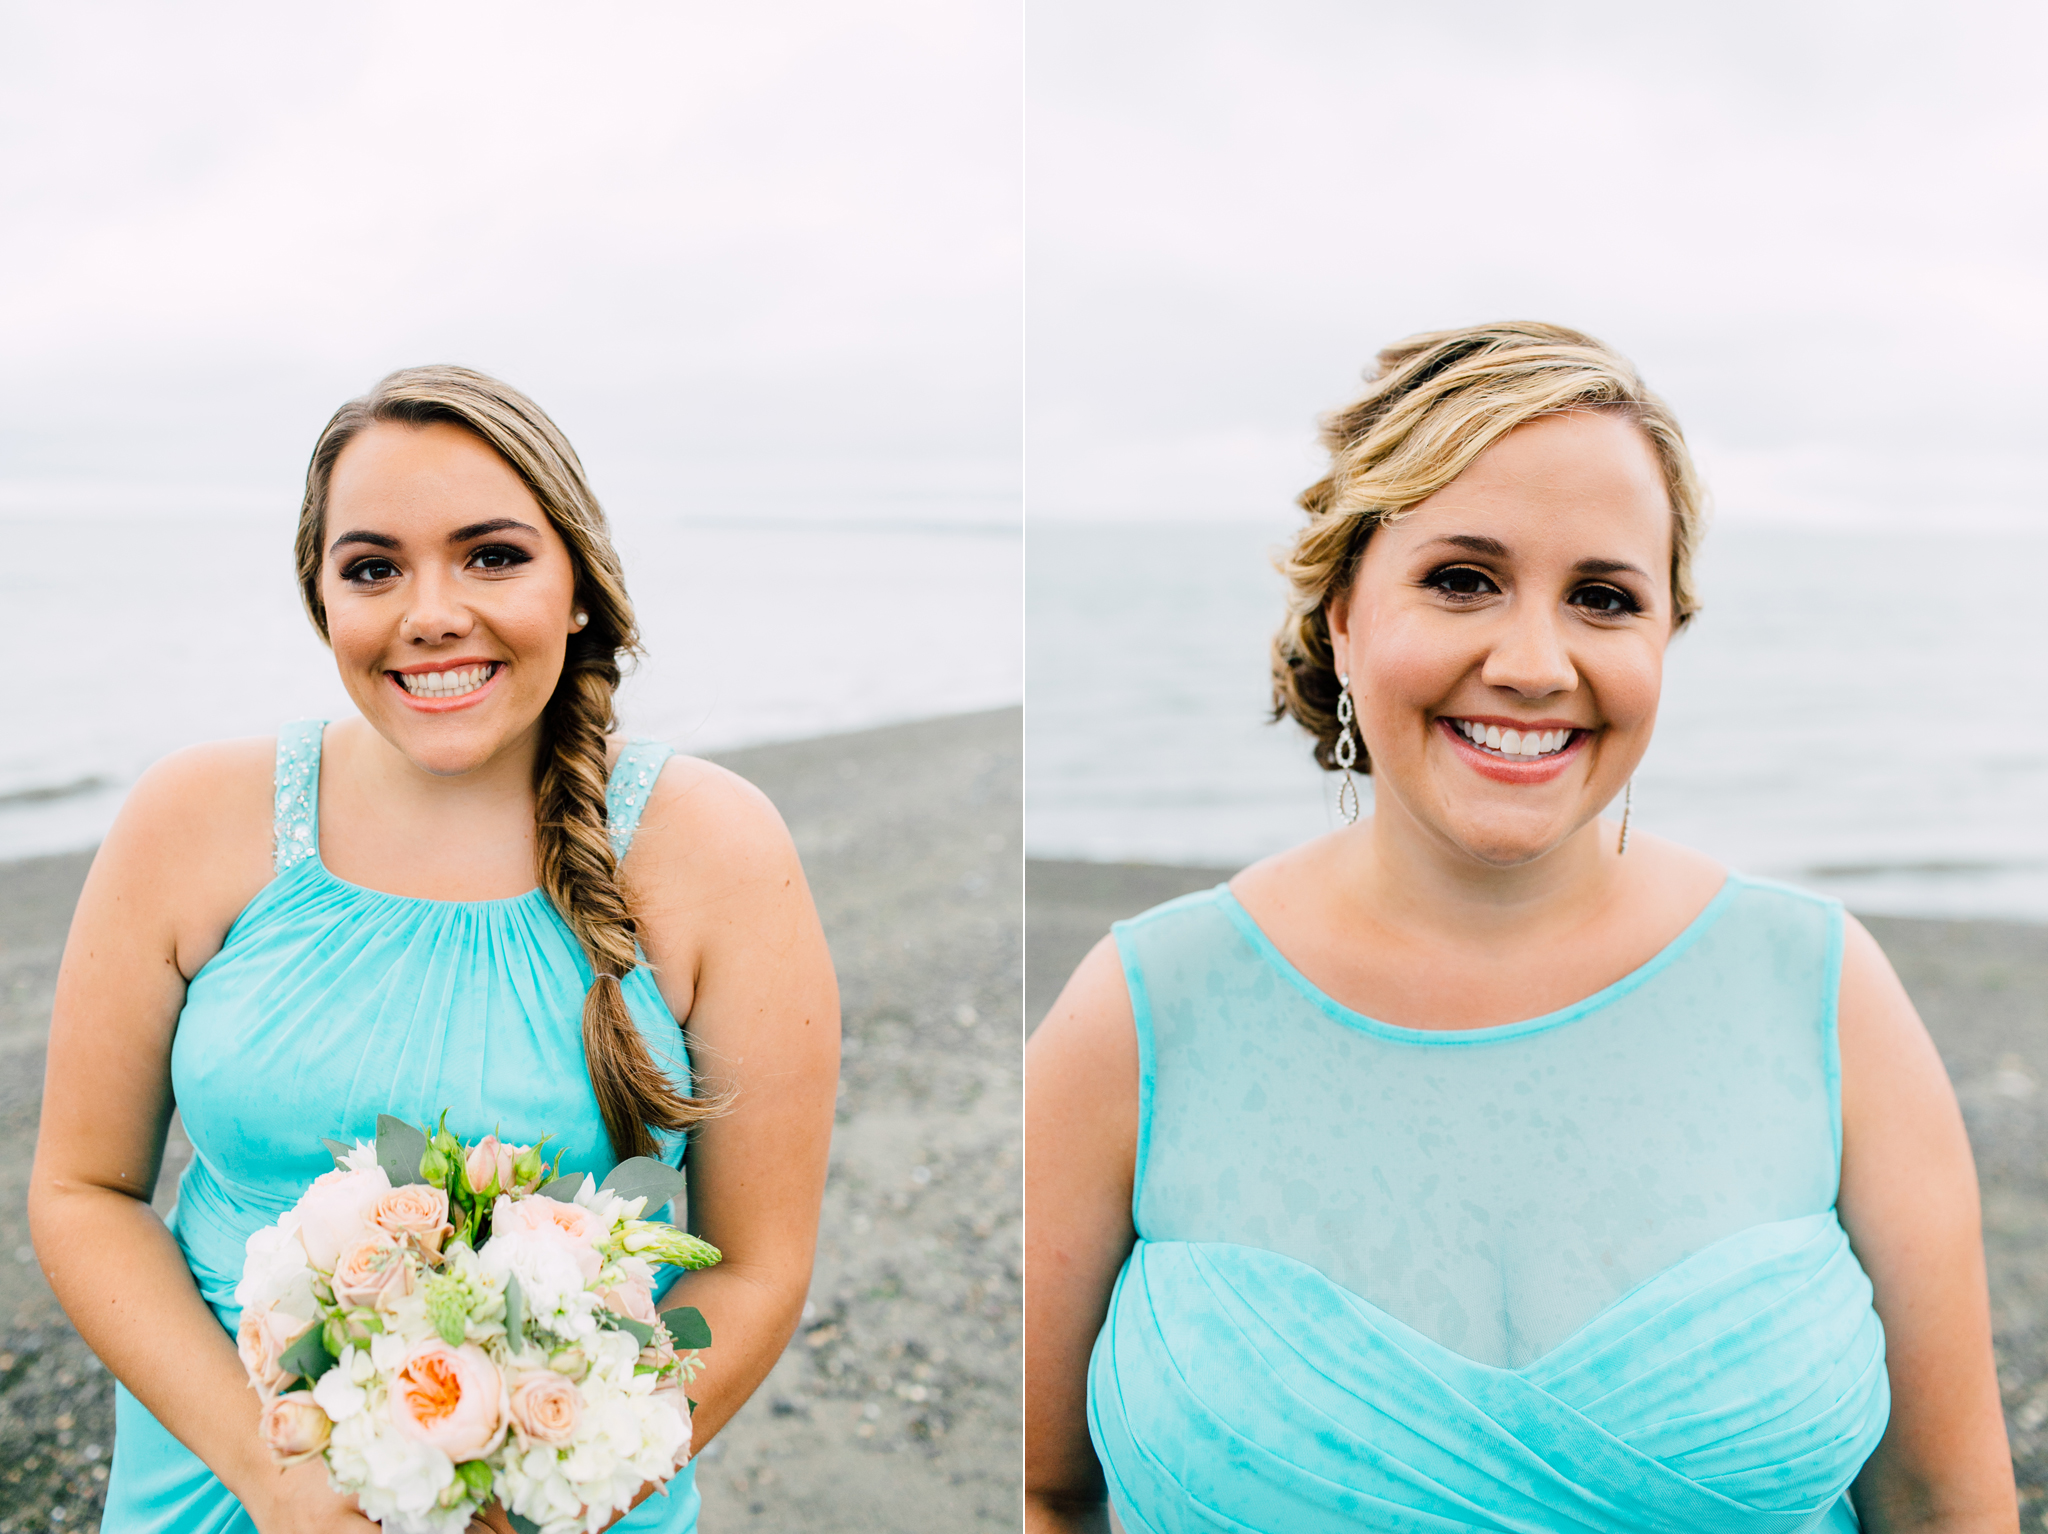 038-bellingham-wedding-photographer-beach-katheryn-moran-elisa-phillip.jpg